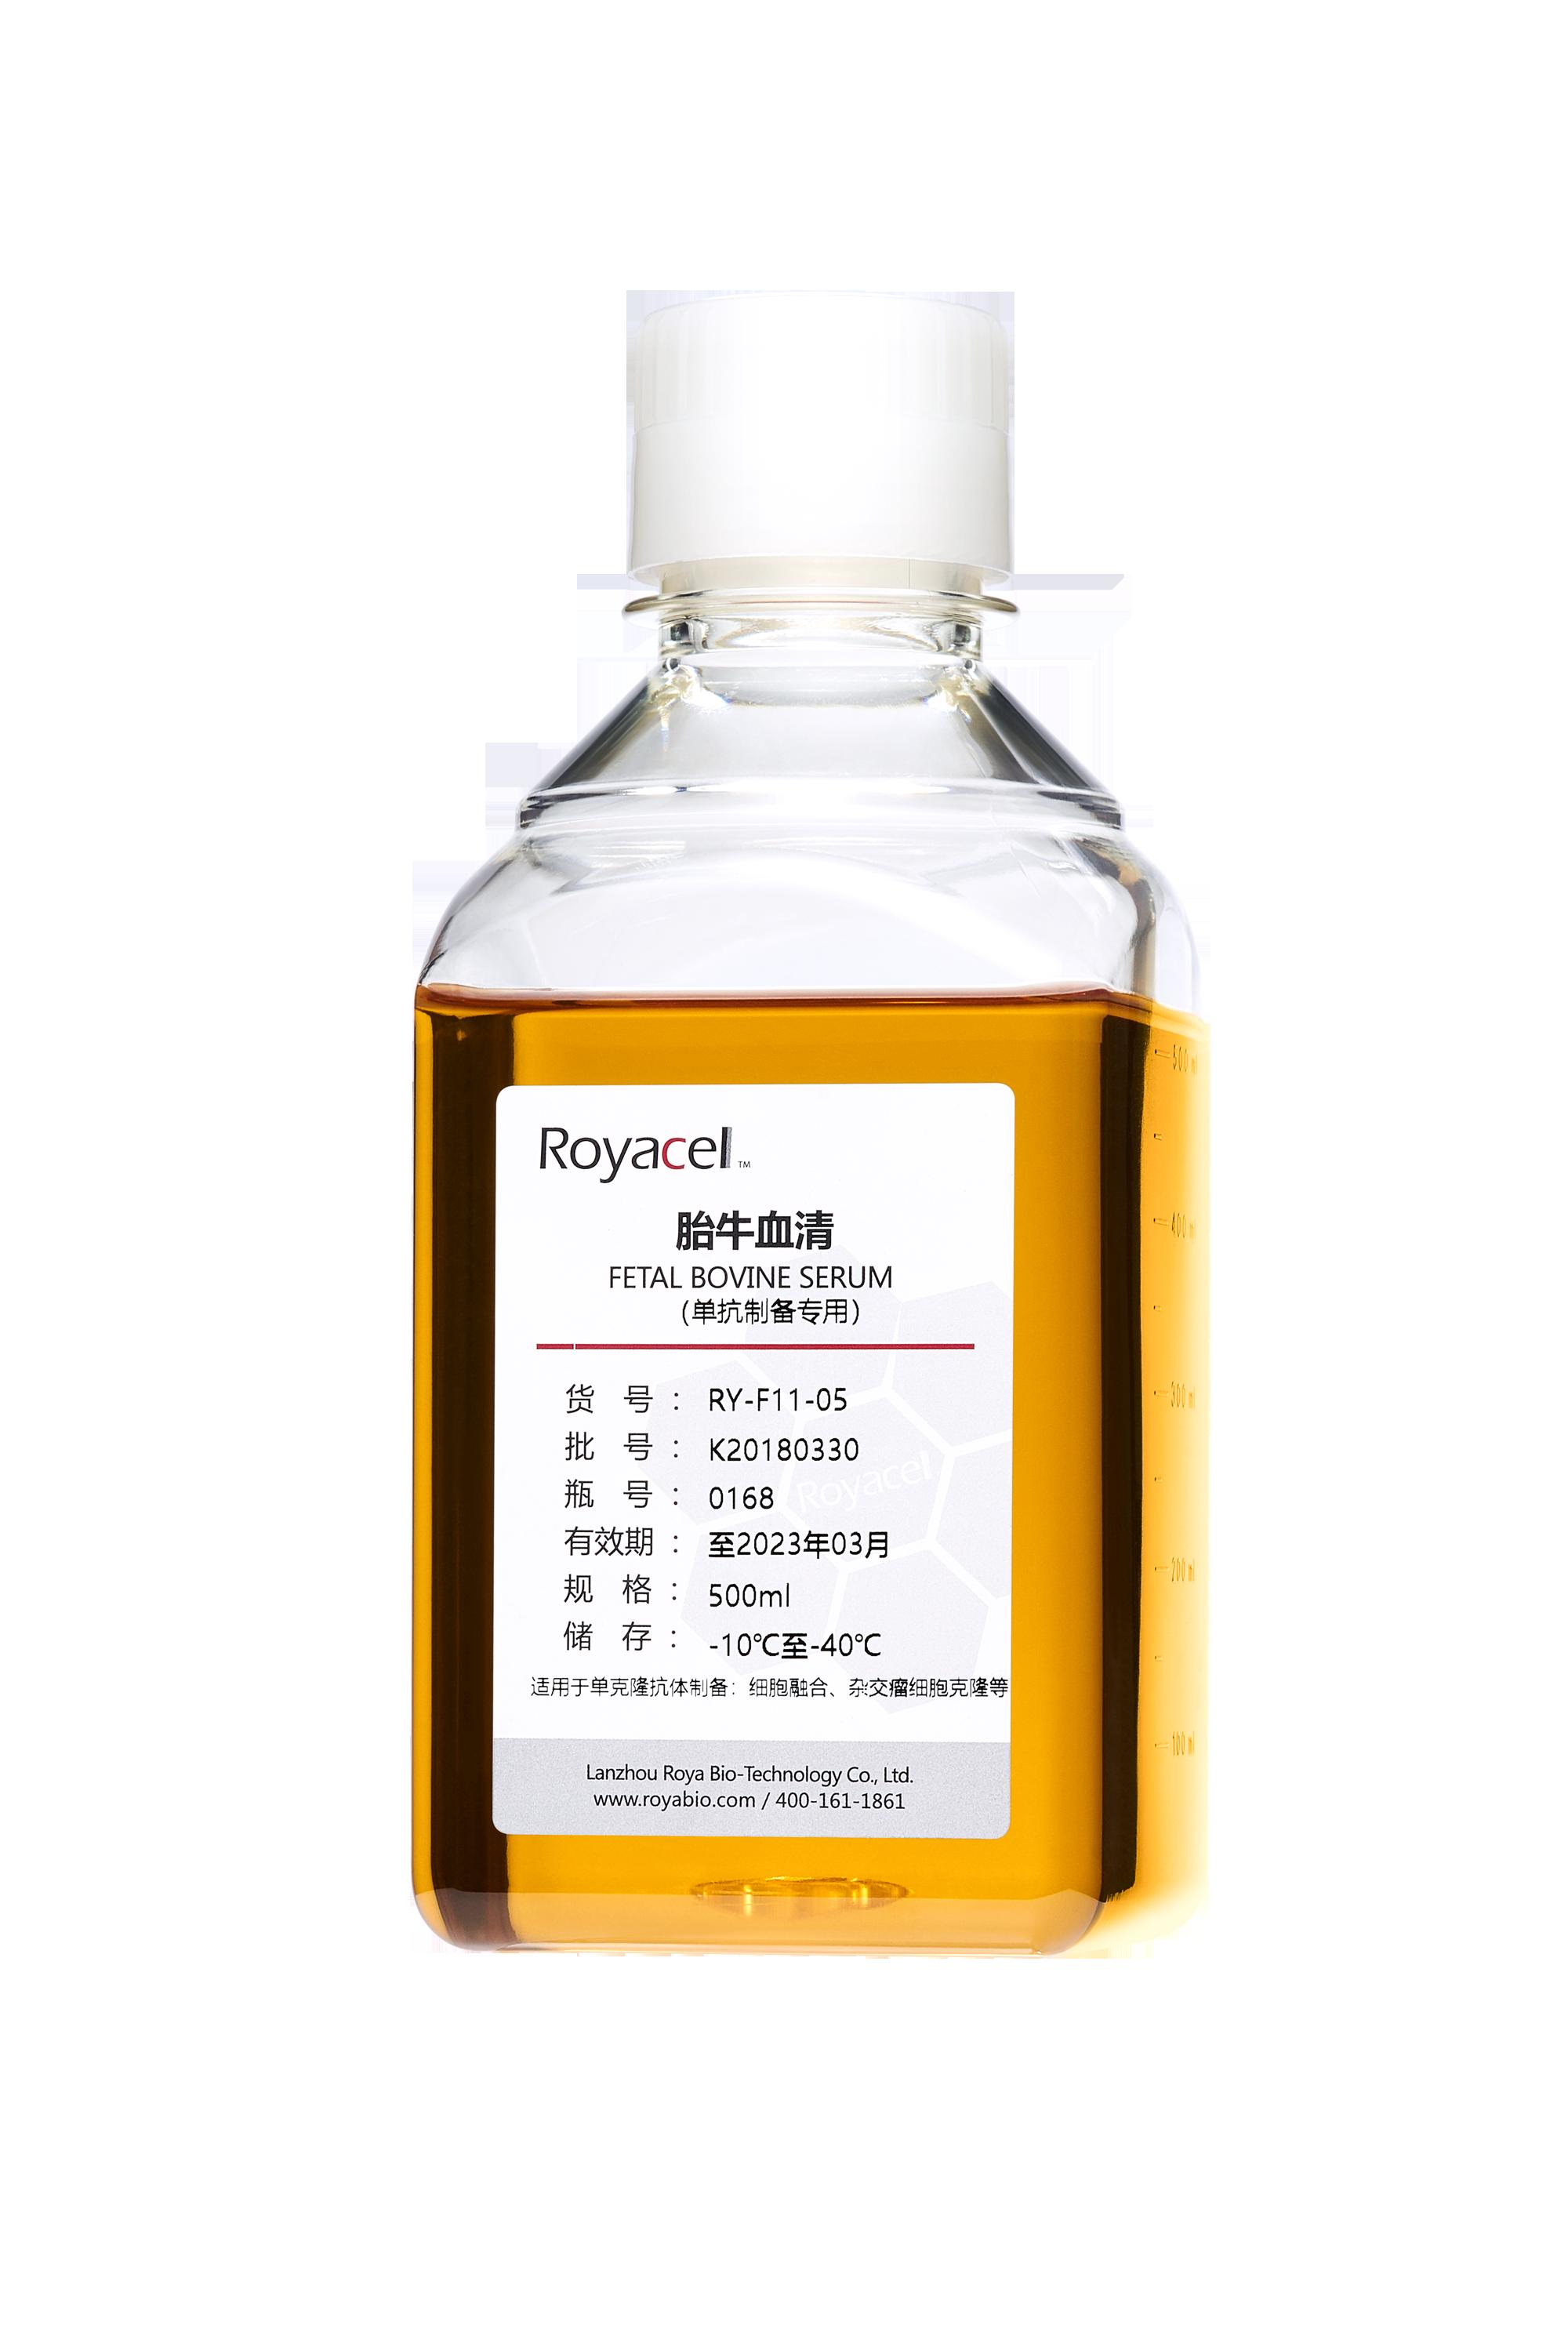 88必发_荣晔生物-Royacel 胎牛血清(单抗制备专用)